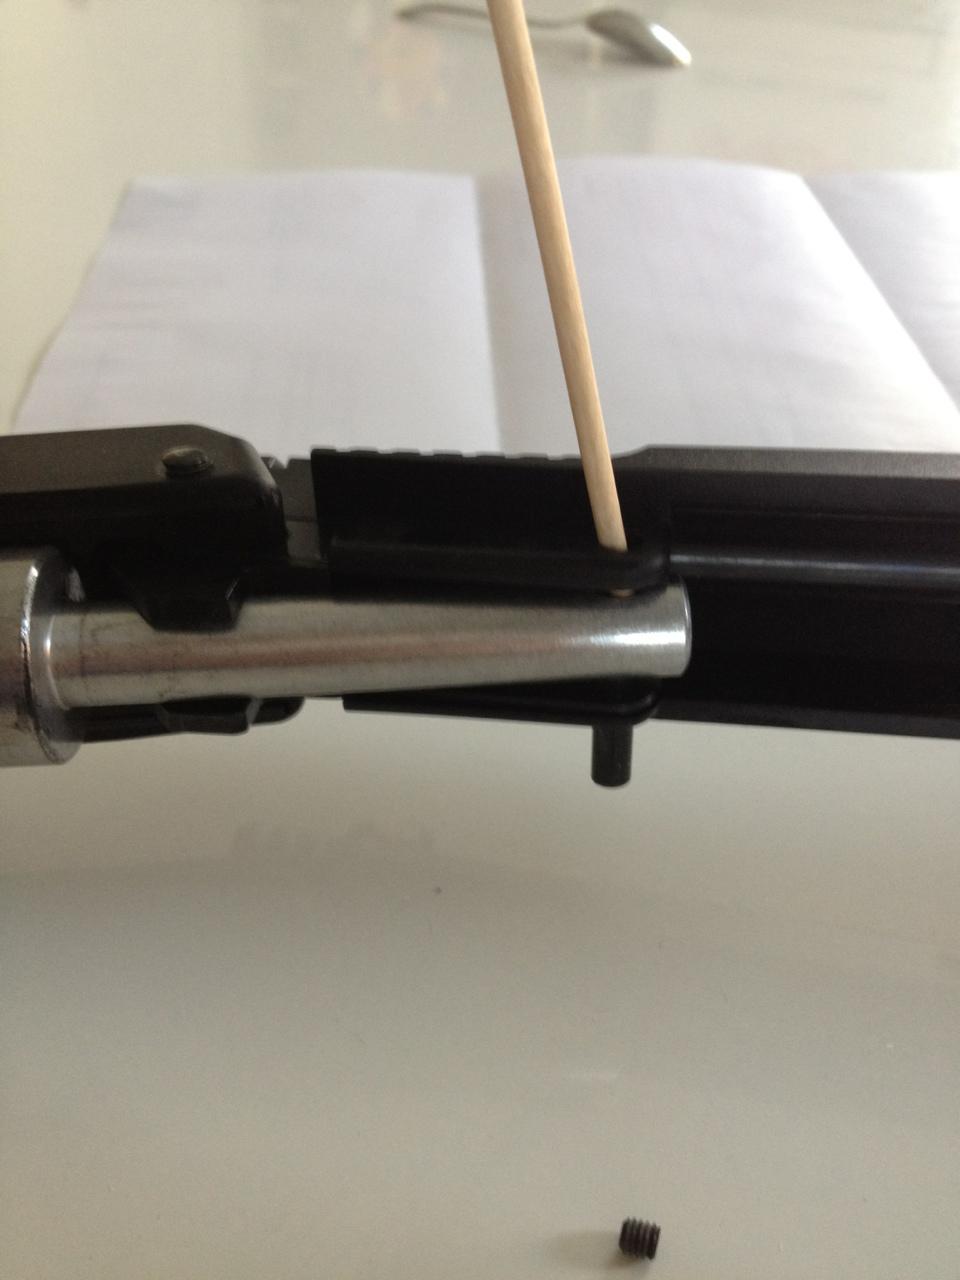 L'entretien du joint de piston du HW40 en images  0FAF0B42-2E75-48CA-8BF7-ABBC45CFE7F6-3669-000002D7A4D8BDC2_zpsa32f3814